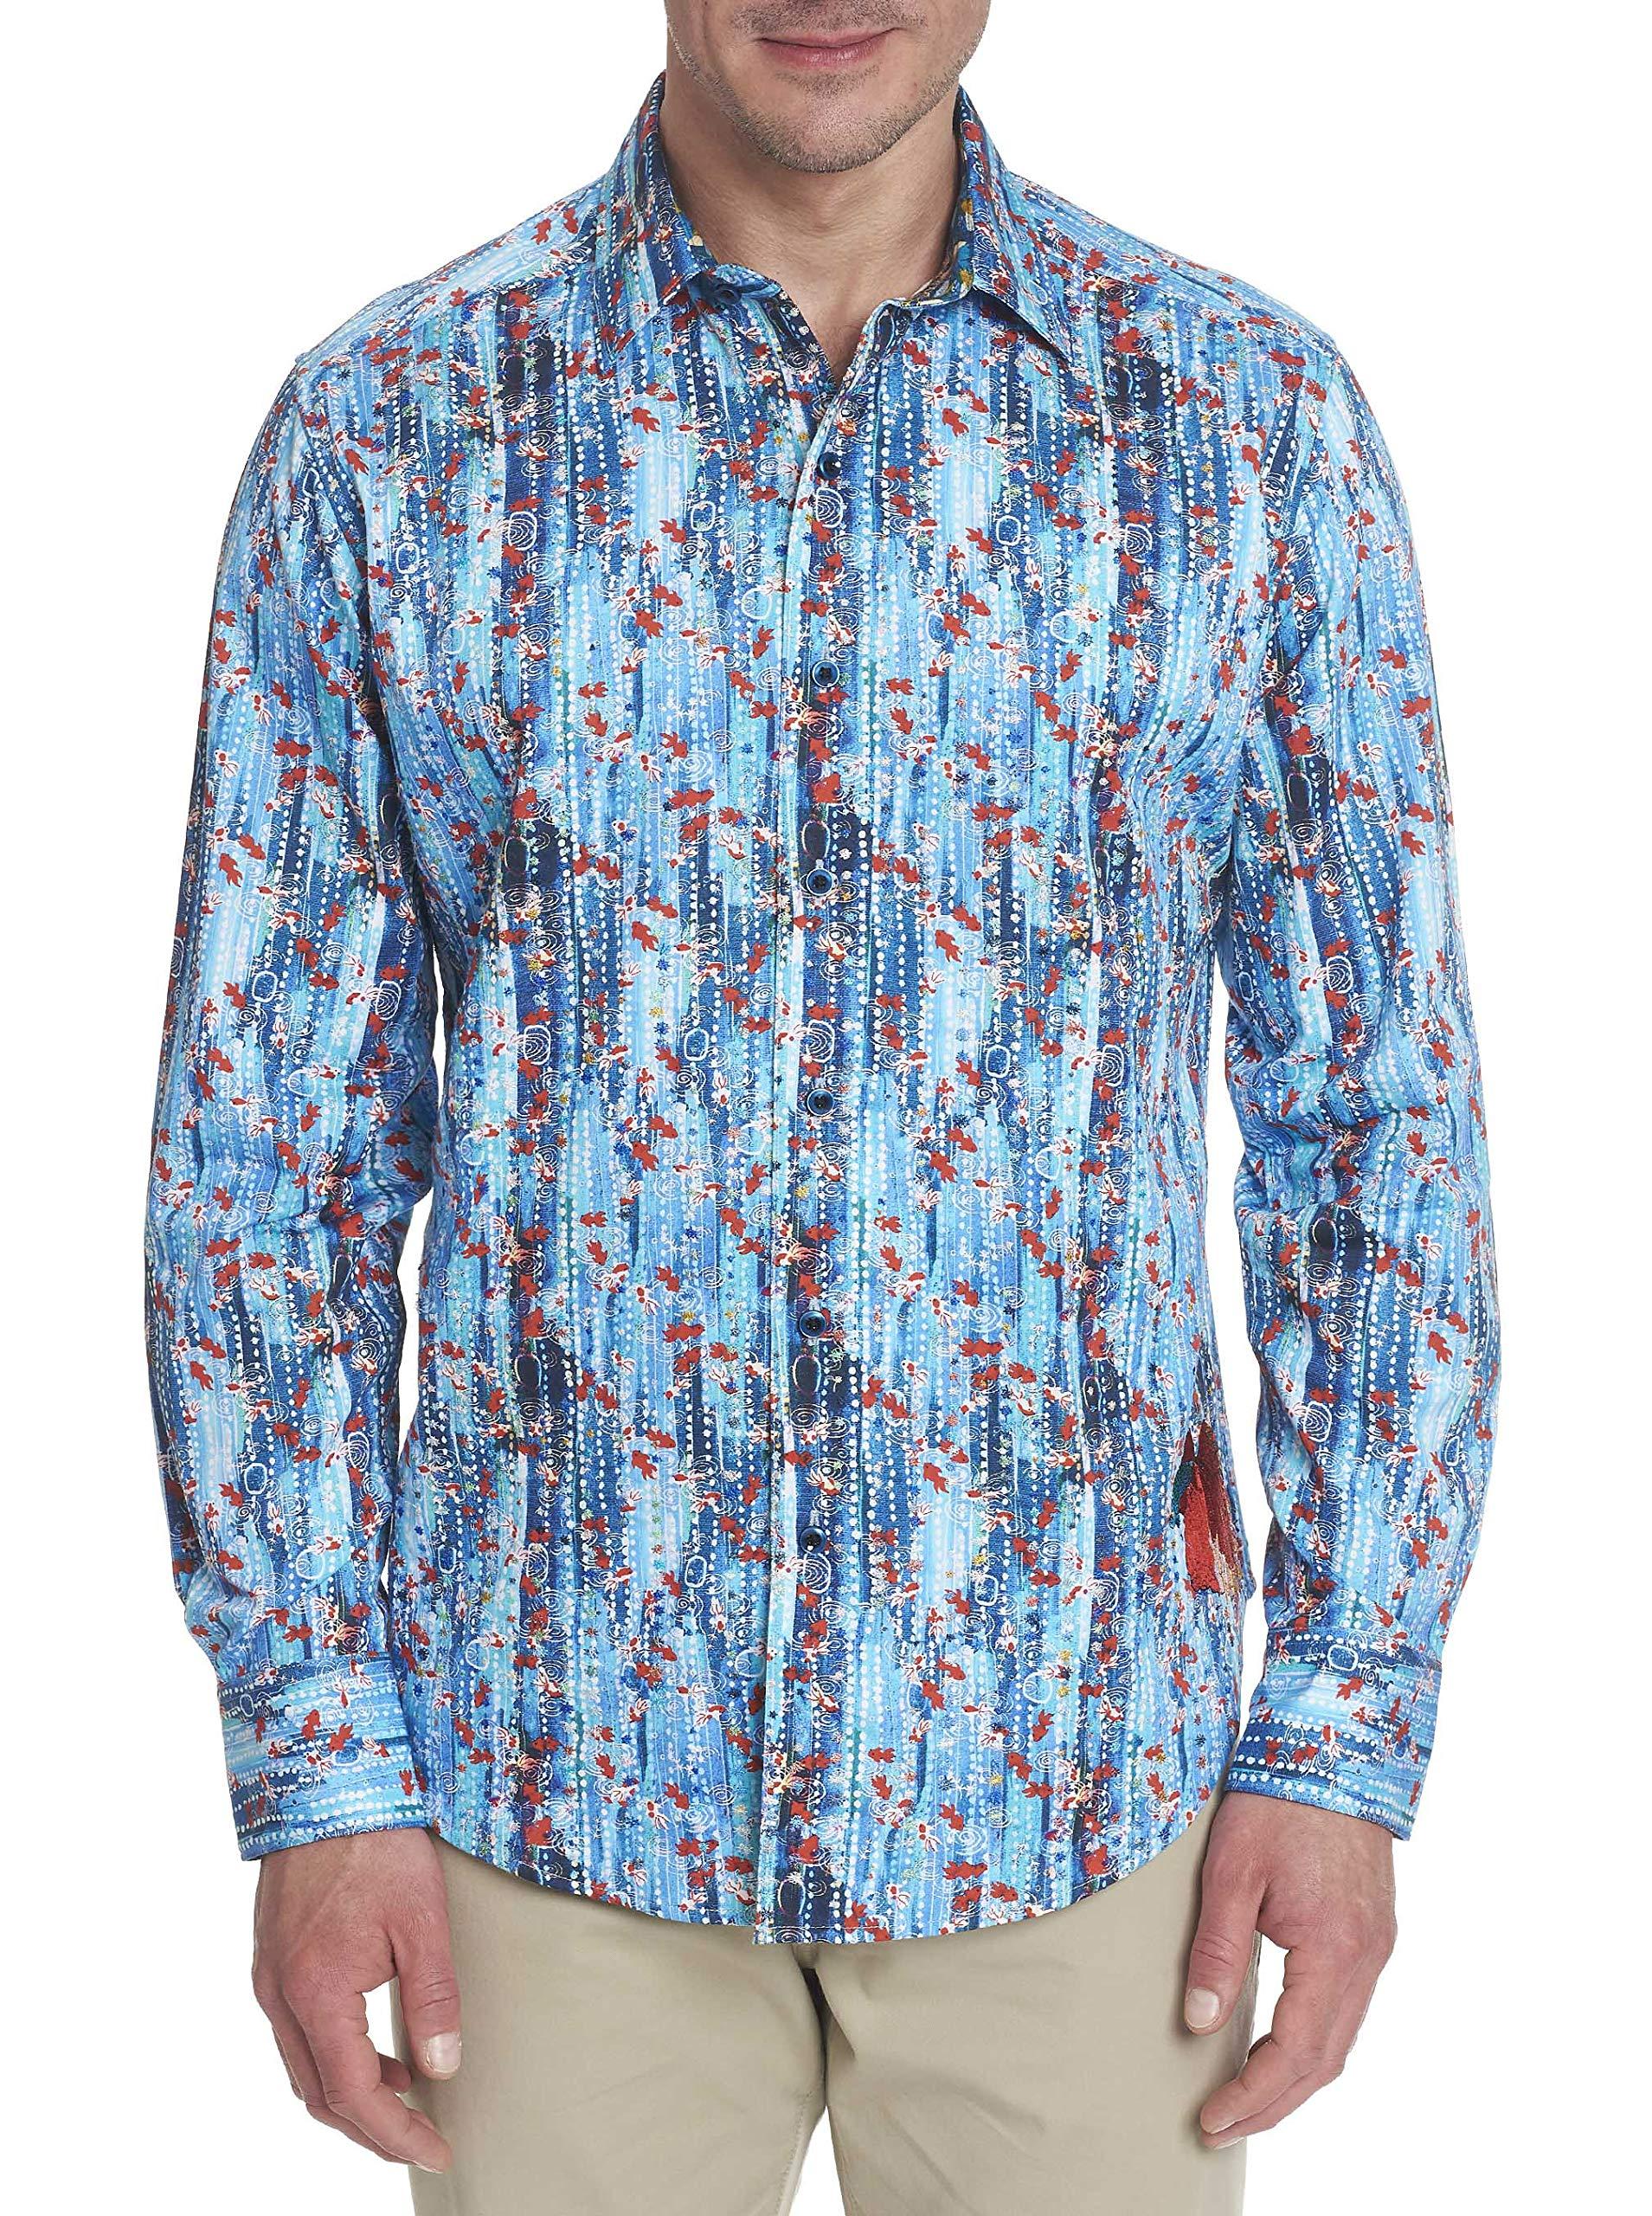 Robert Graham Aquarium L/S Shirt Classic Fit Teal XLarge